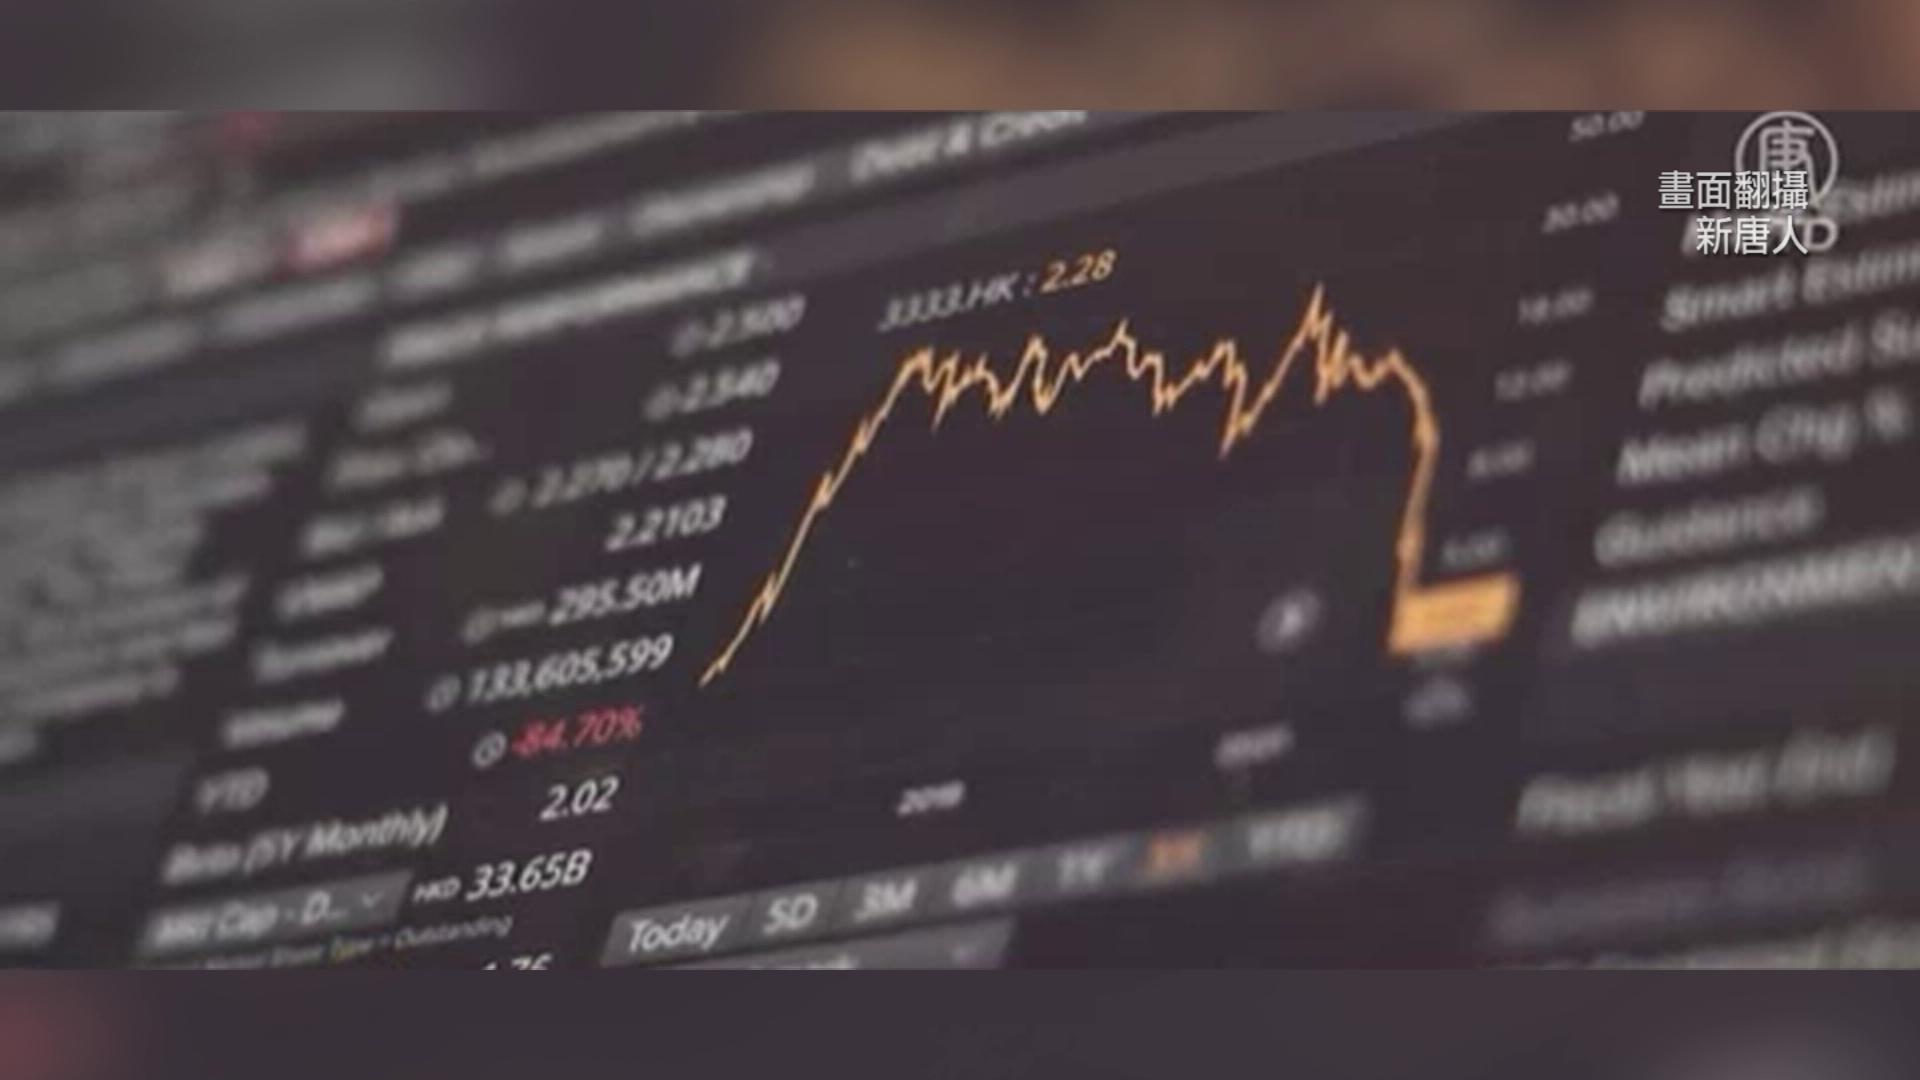 恆大風暴! 金融市場大逃殺 美股重挫「614點」